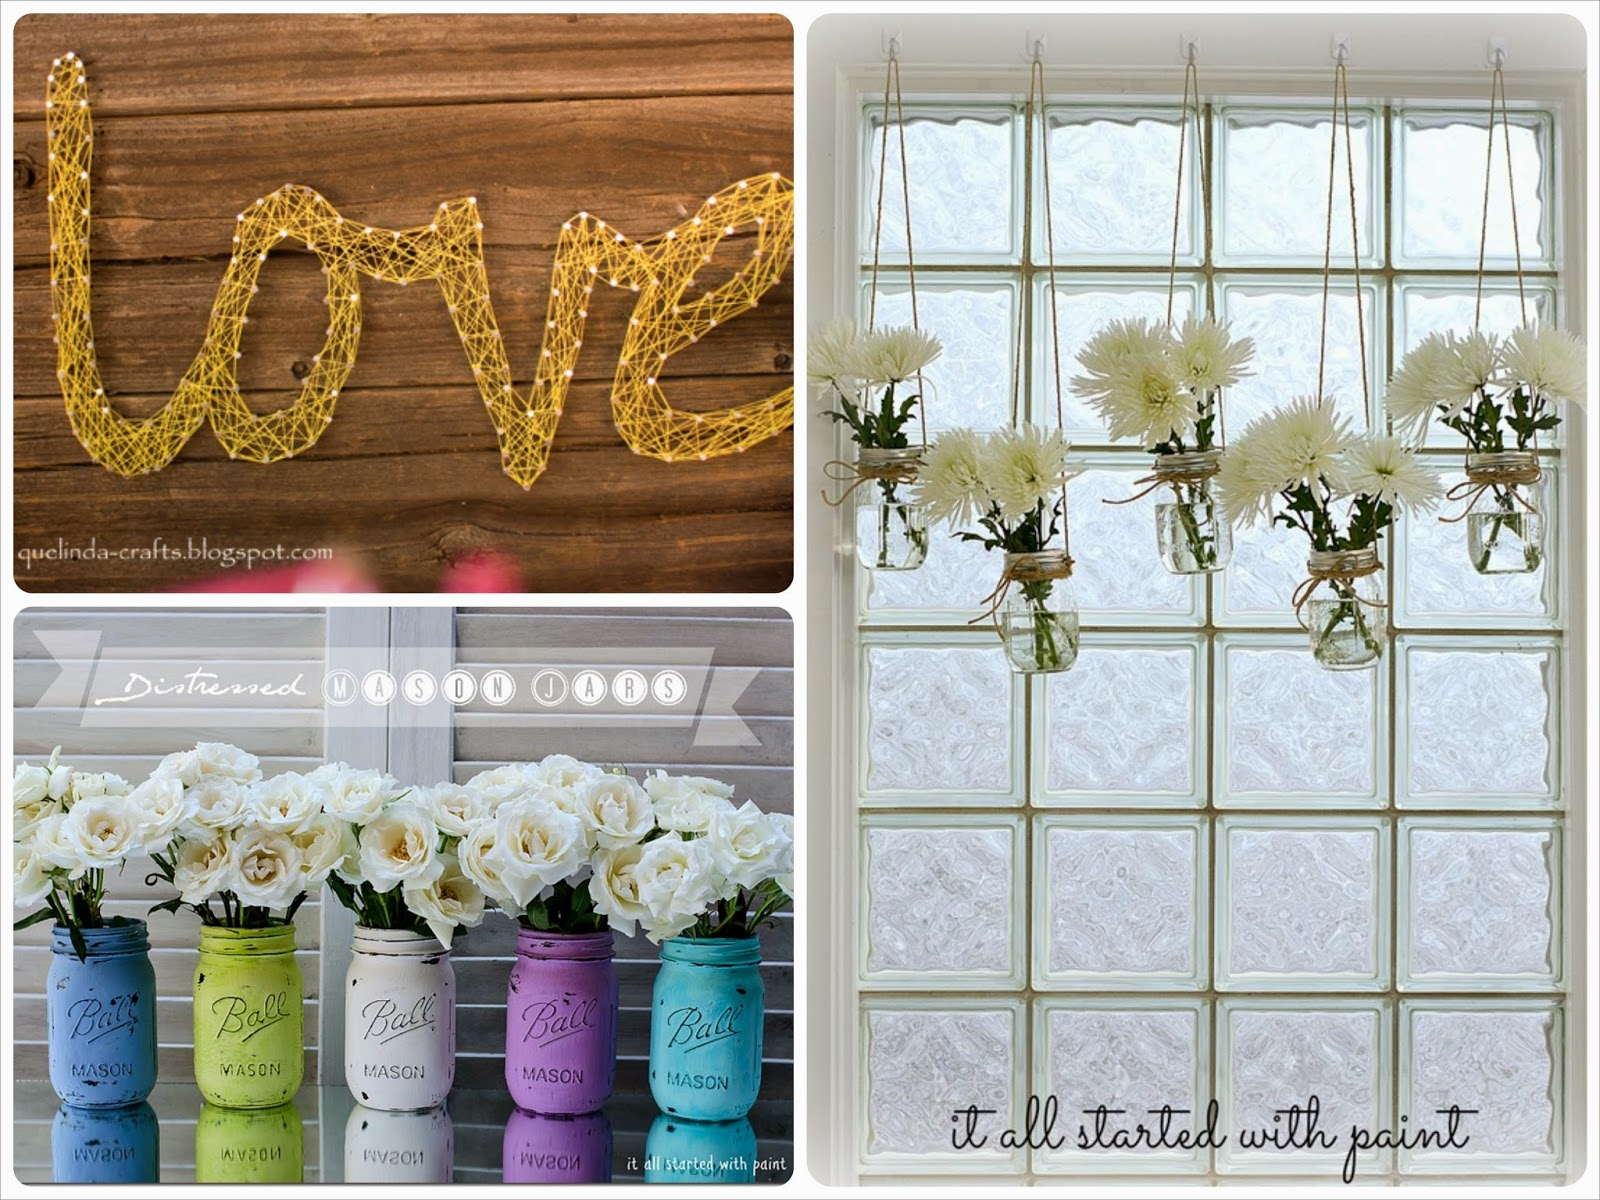 Blog de tu d a con amor invitaciones y detalles de boda - Manualidades originales para casa ...